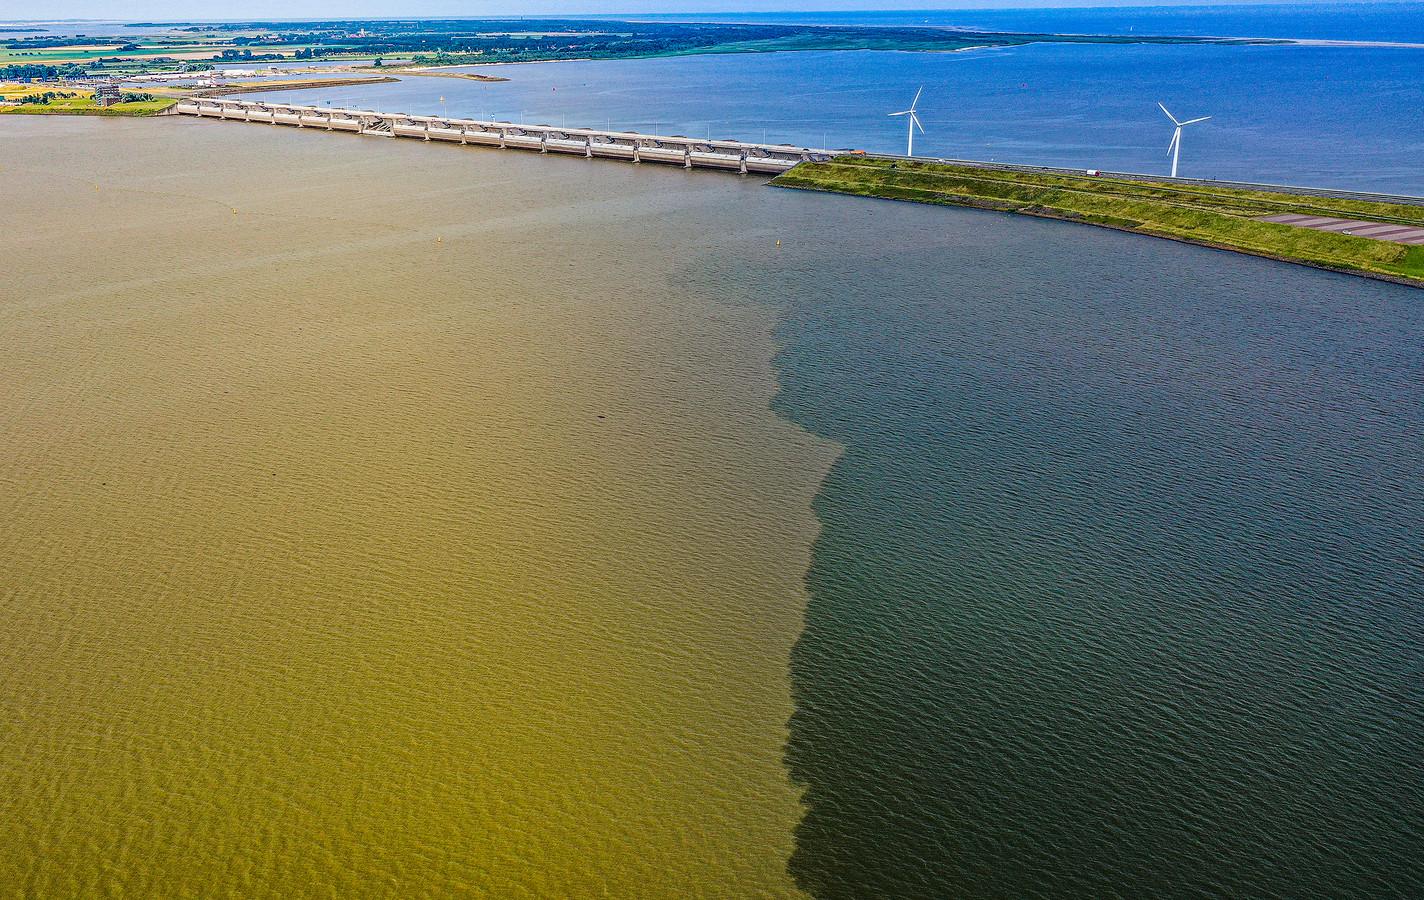 Het water van het Haringvliet kleurt geel door het water wat naar zee stroomt afkomstig van de overstromingen in Limburg en Duitsland.